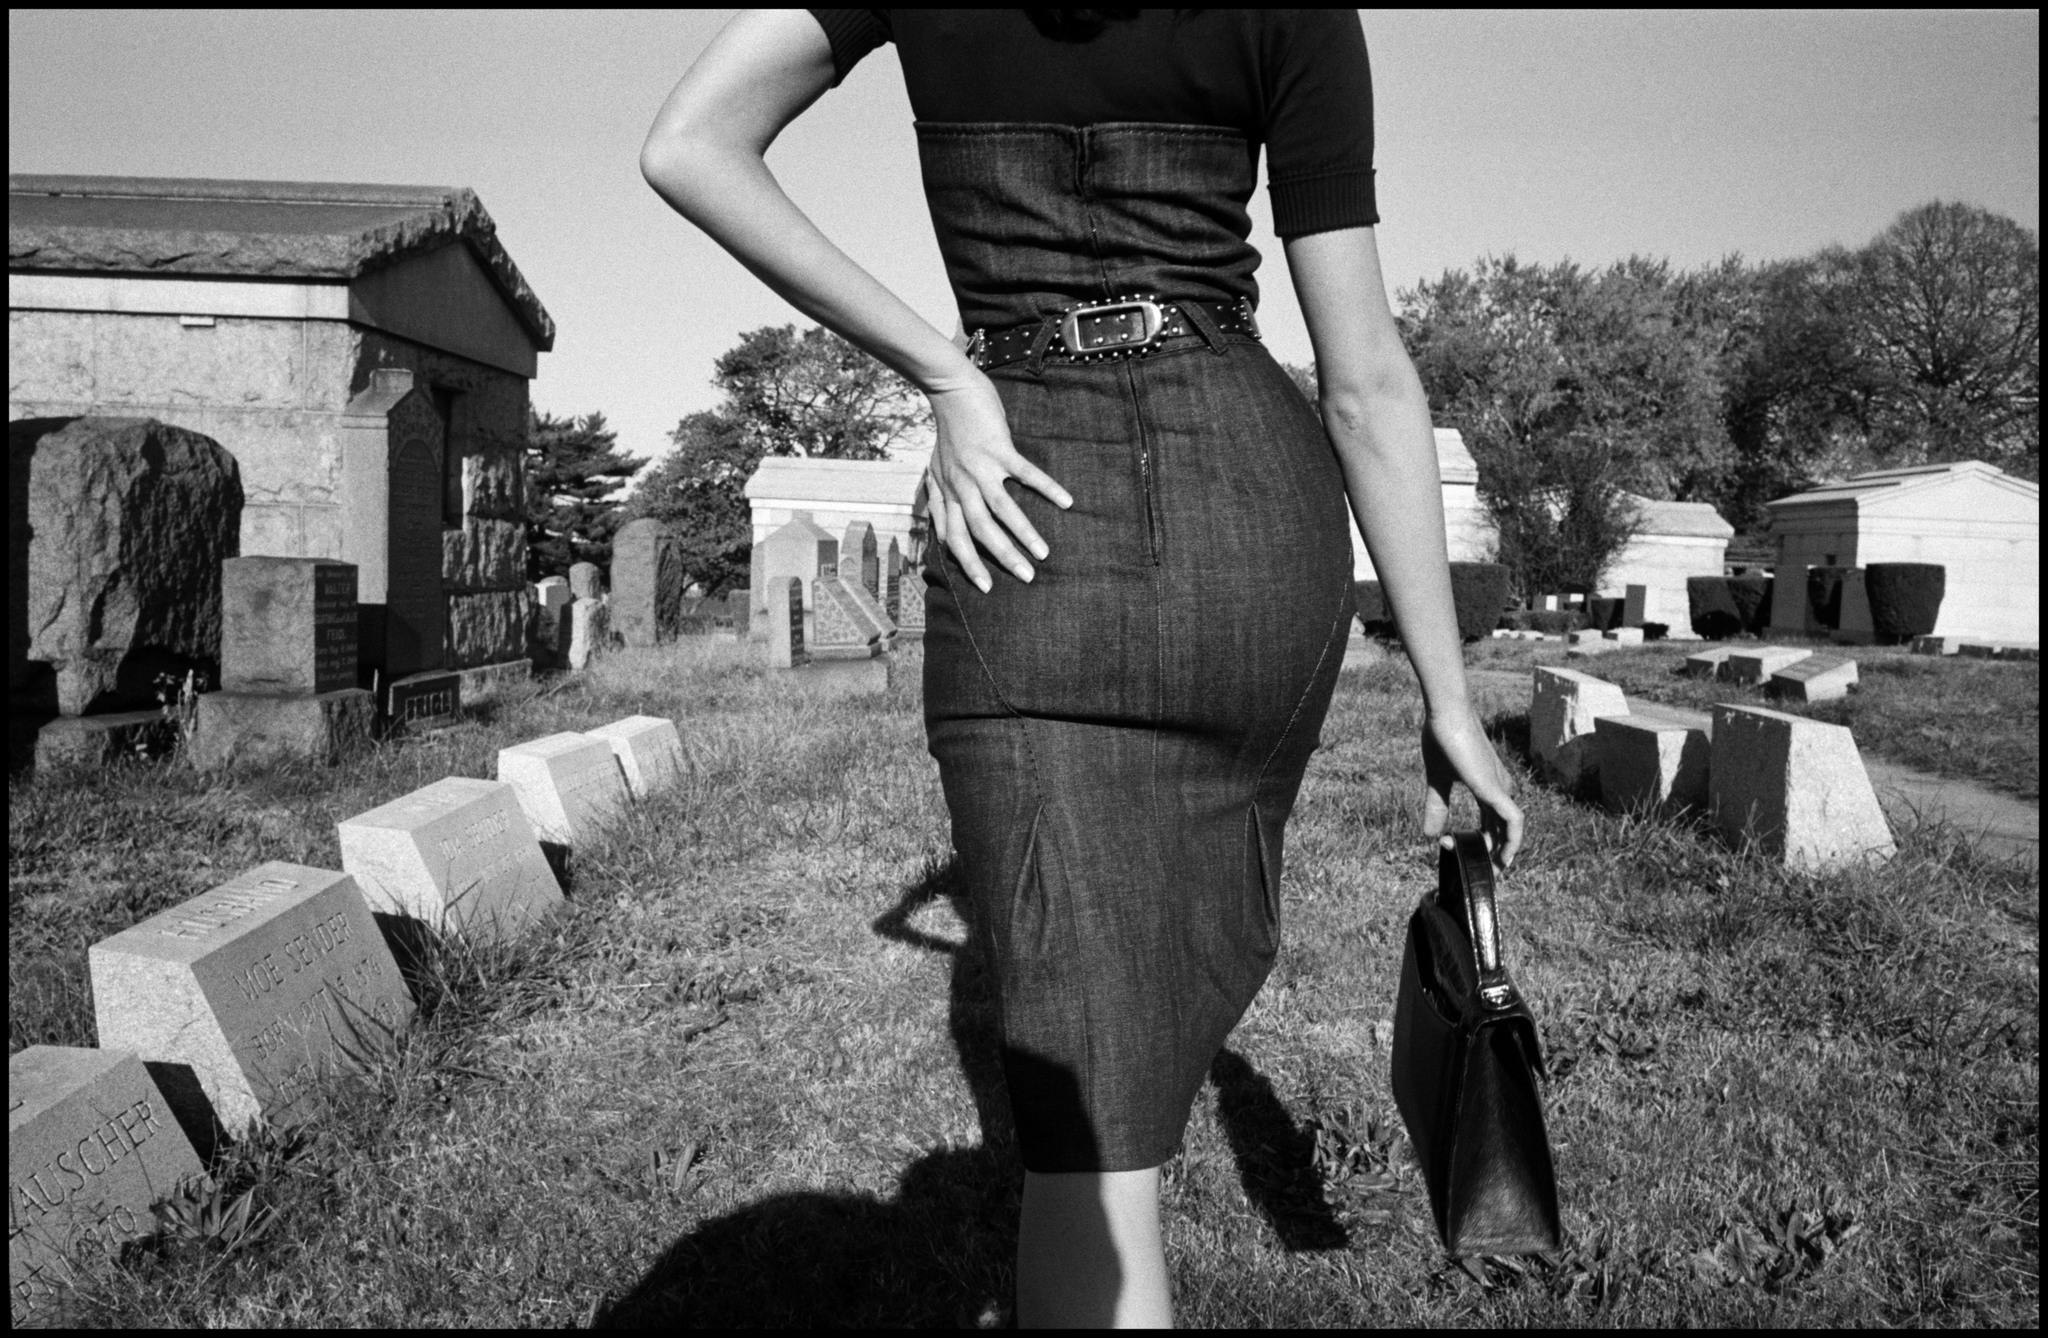 Bruce Gilde / Magnum